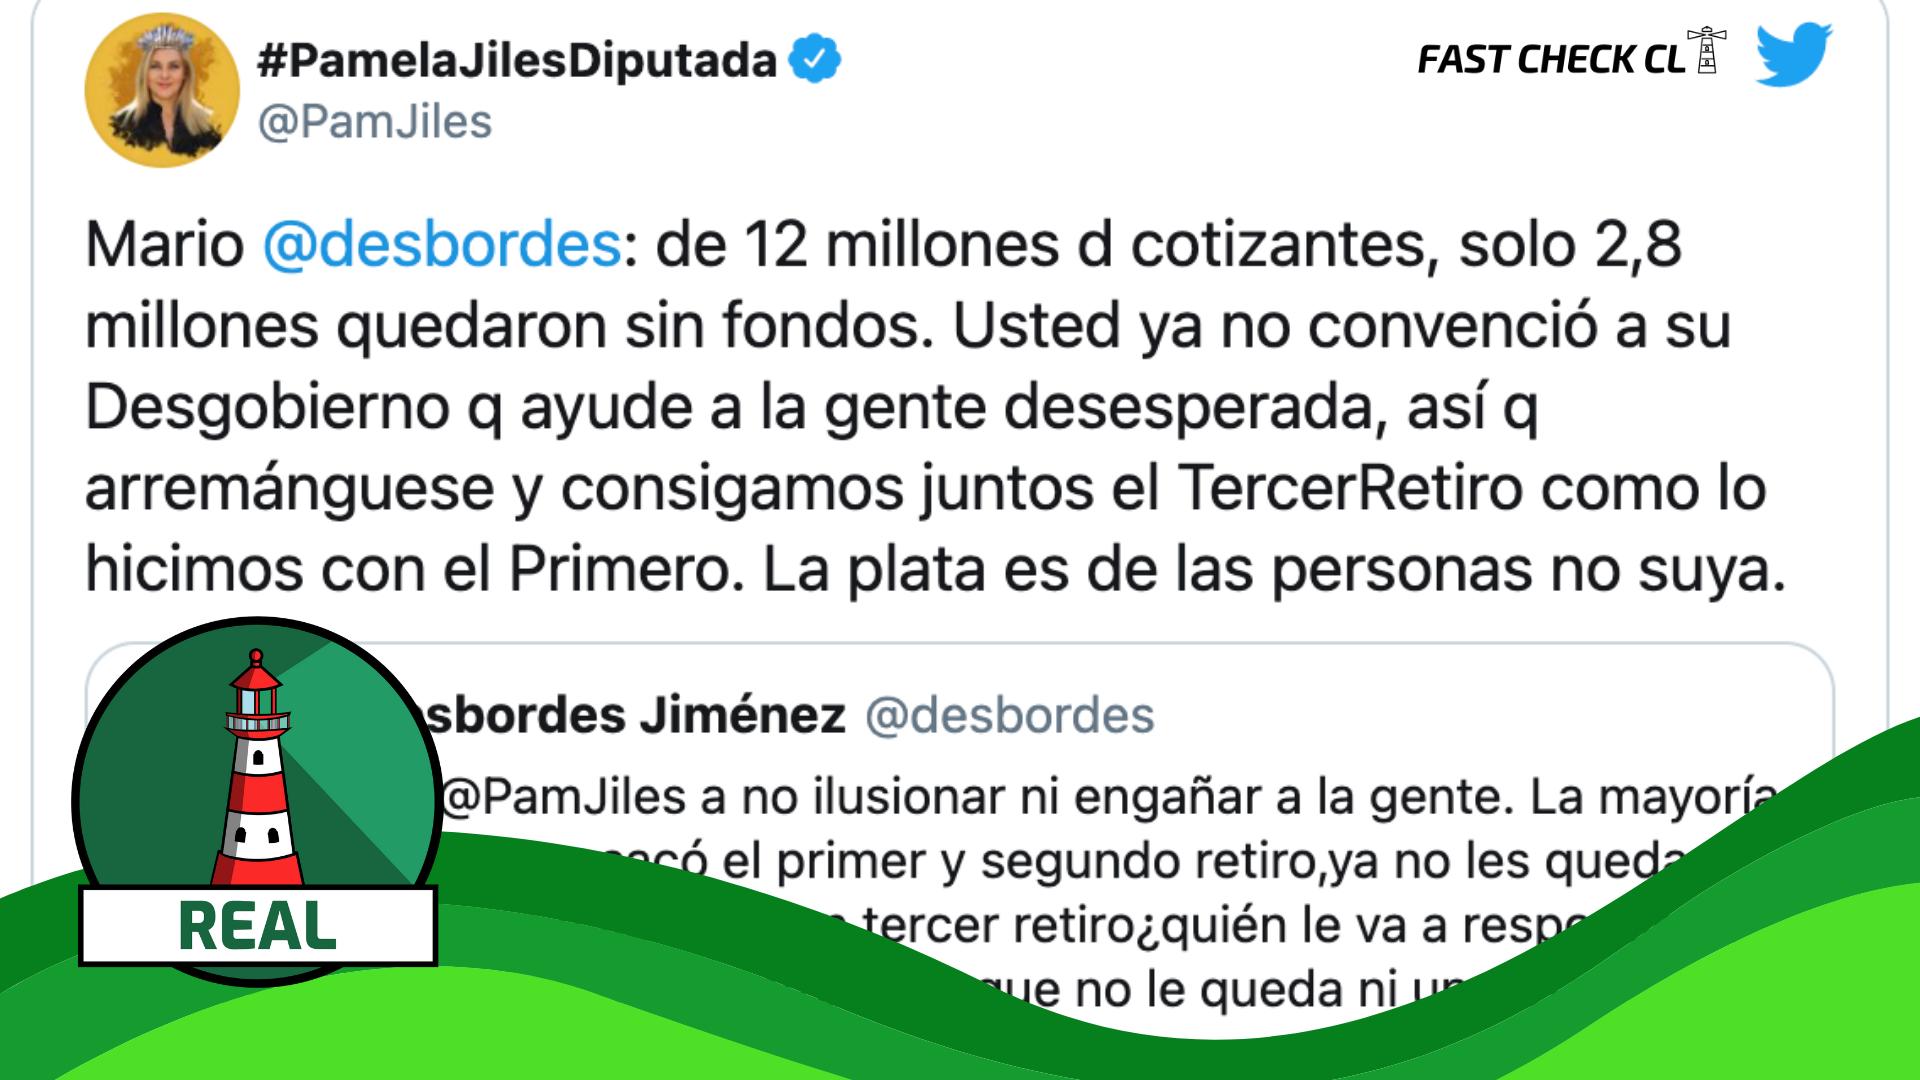 """Diputada Pamela Jiles: """"De los 12 millones de cotizantes, solo 2,8 millones quedaron sin fondos"""": #Real"""